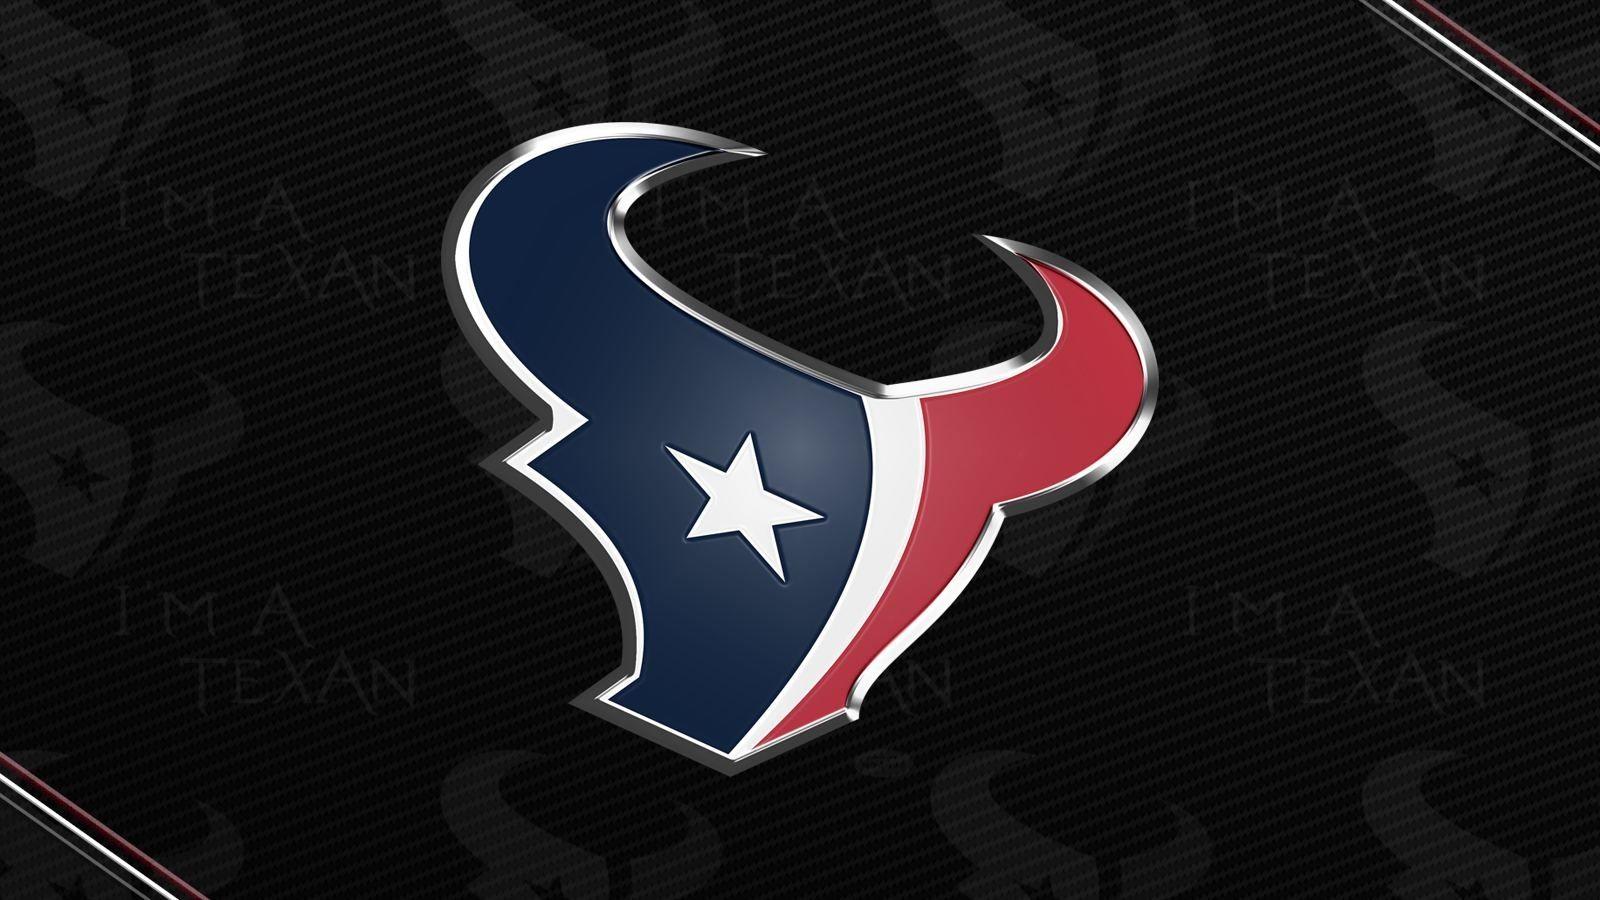 10 New Houston Texans Live Wallpaper Full Hd 1920 1080 For Pc Background Live Wallpapers Wallpaper Texans